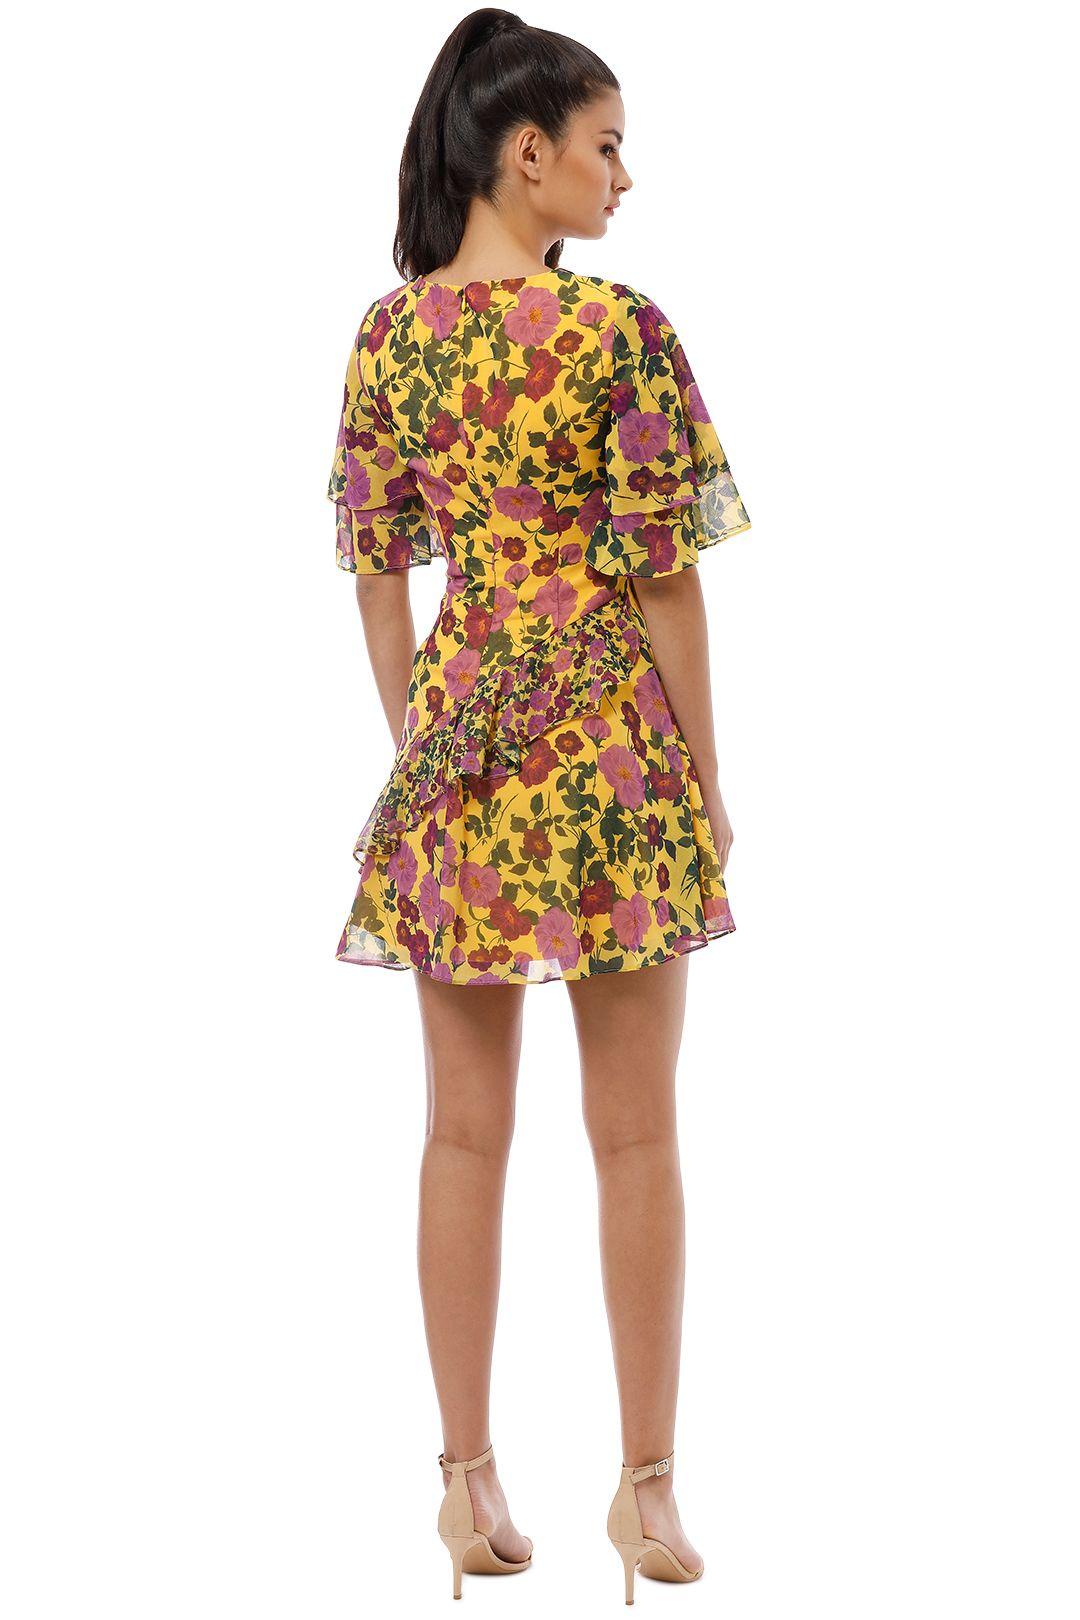 Keepsake the Label - Waves Mini Dress - Golden Floral - Back